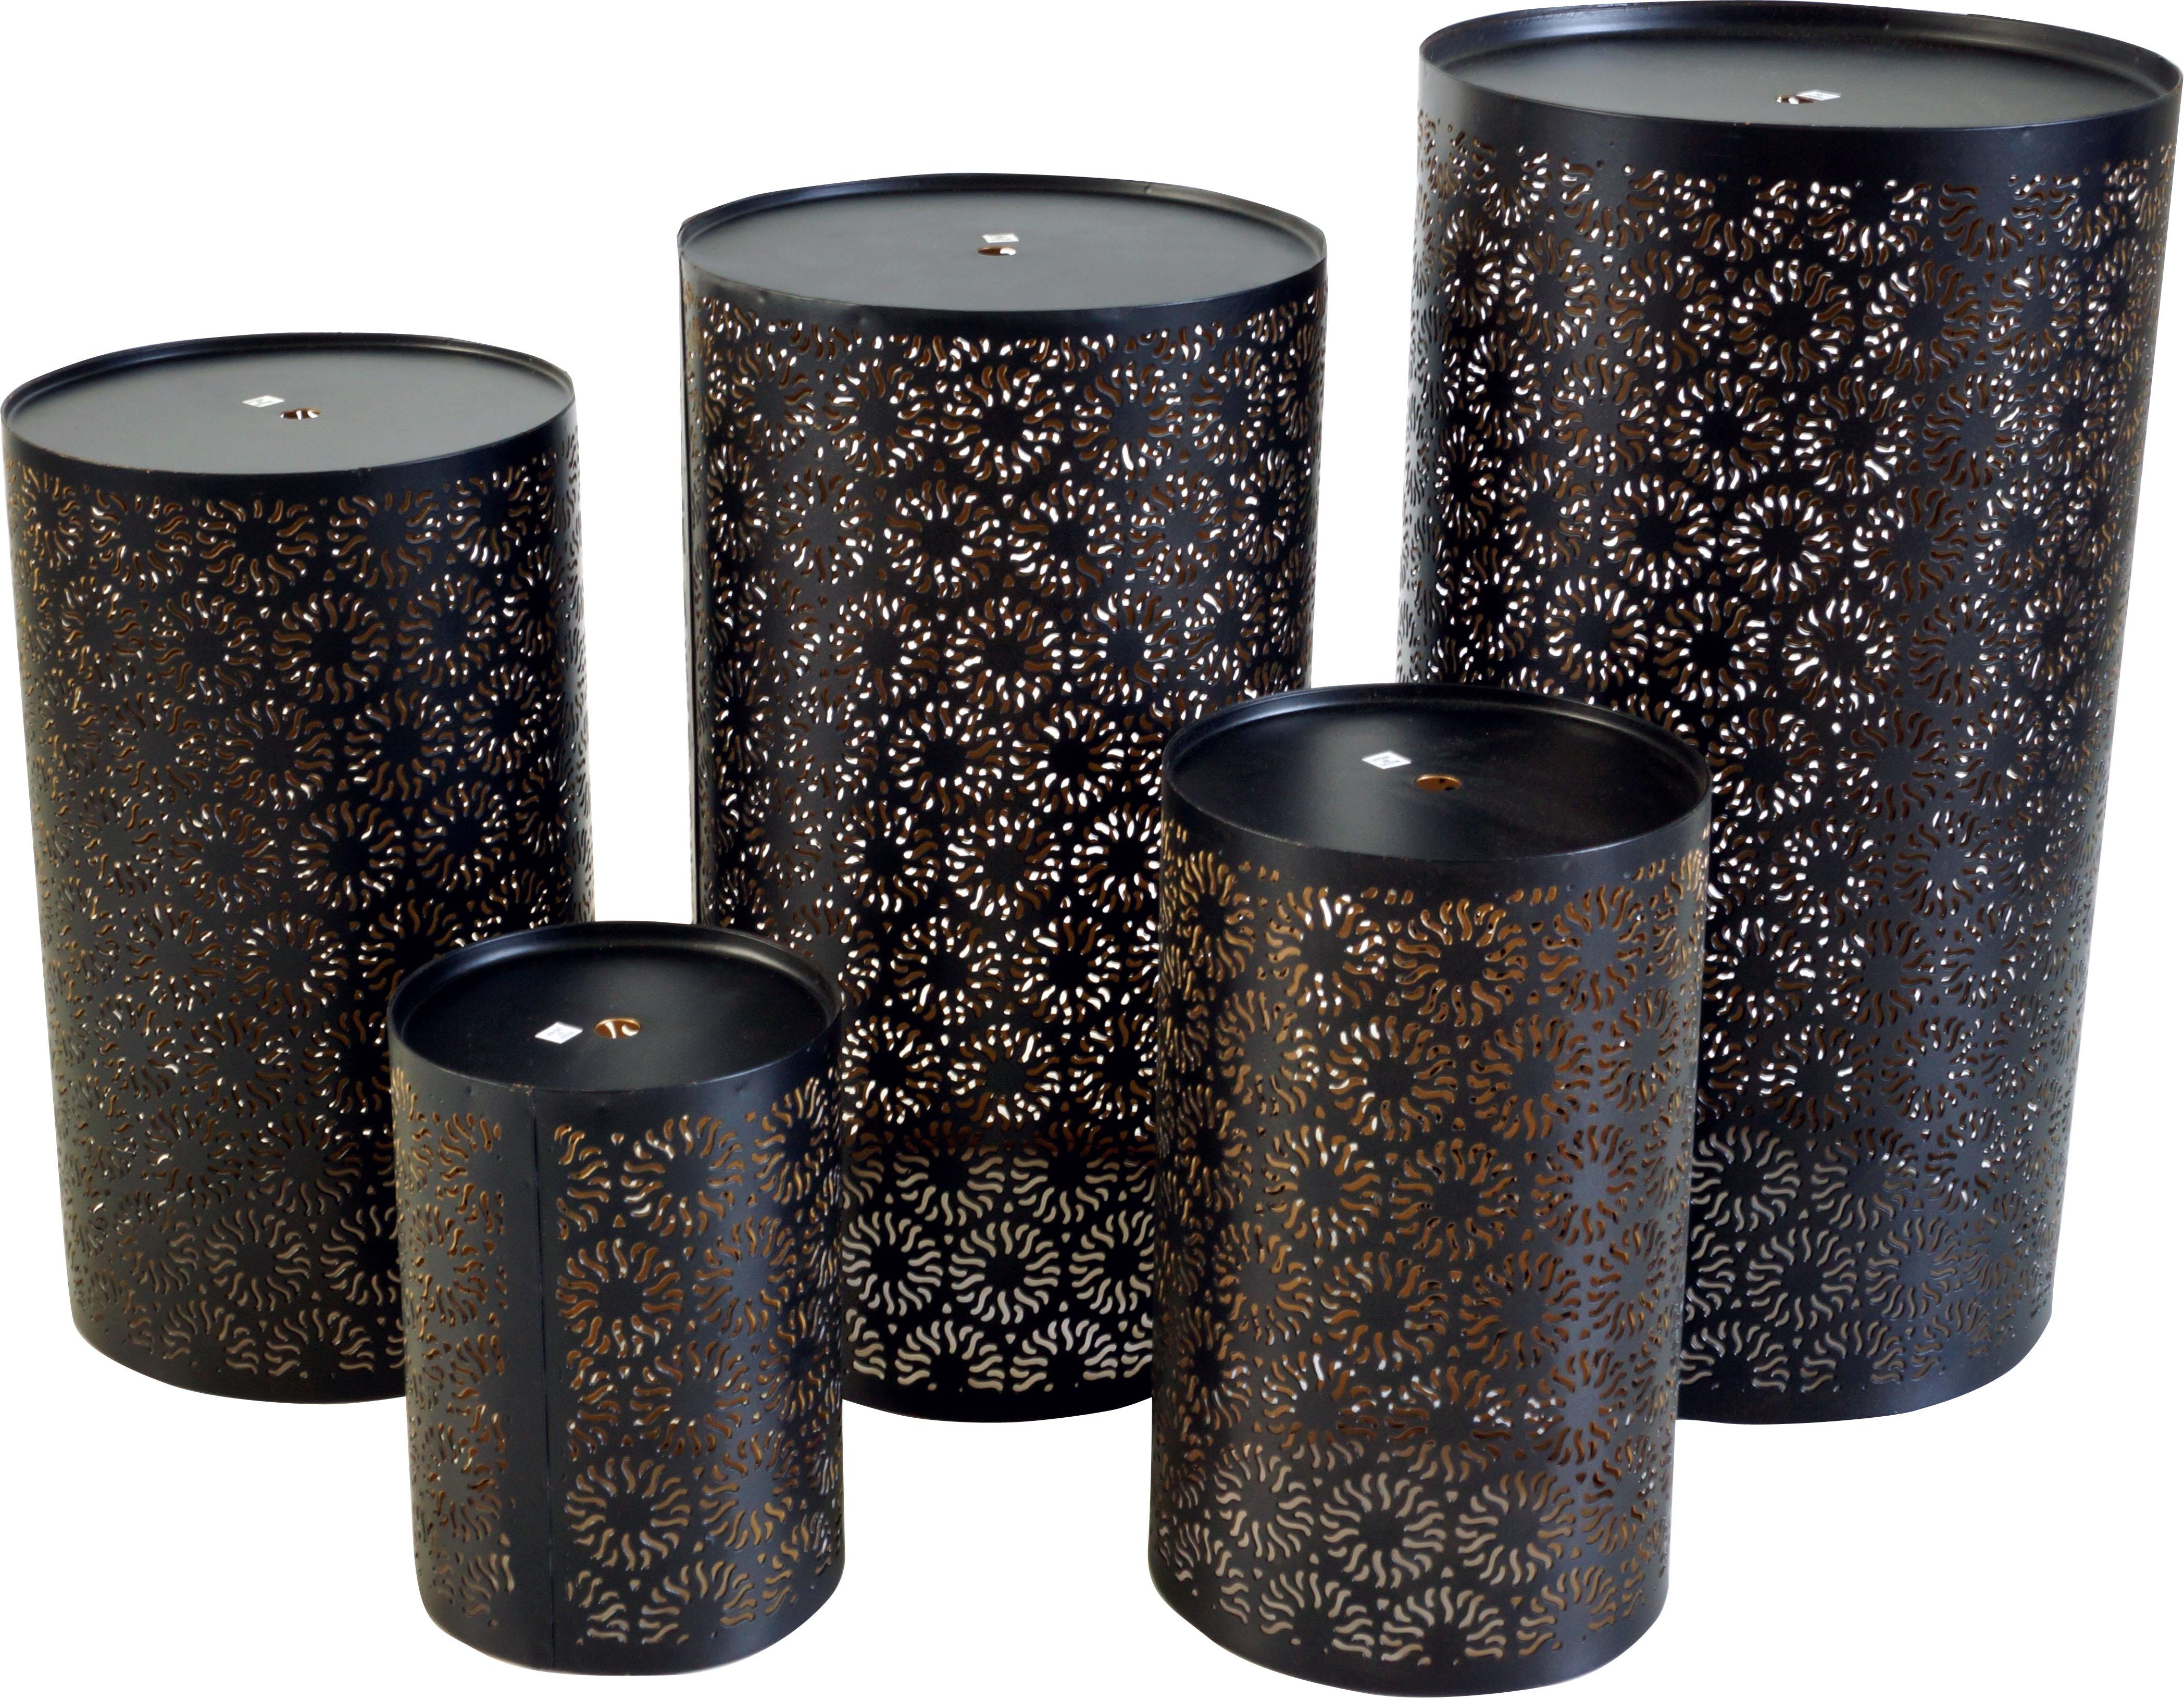 Runde Metall Windlicht Leuchte Passend Fur Teelicht Kerzen Oder Als